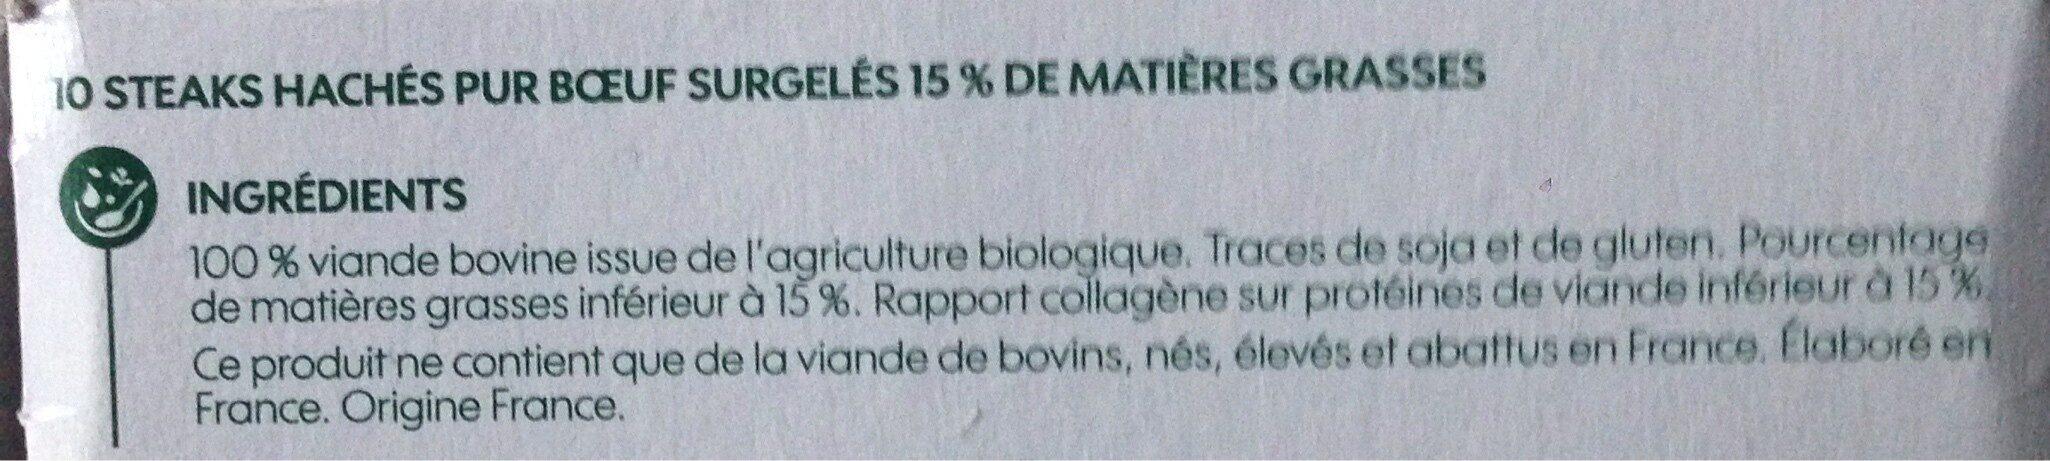 Steak hache surg bio 15%mg x10 - Ingrediënten